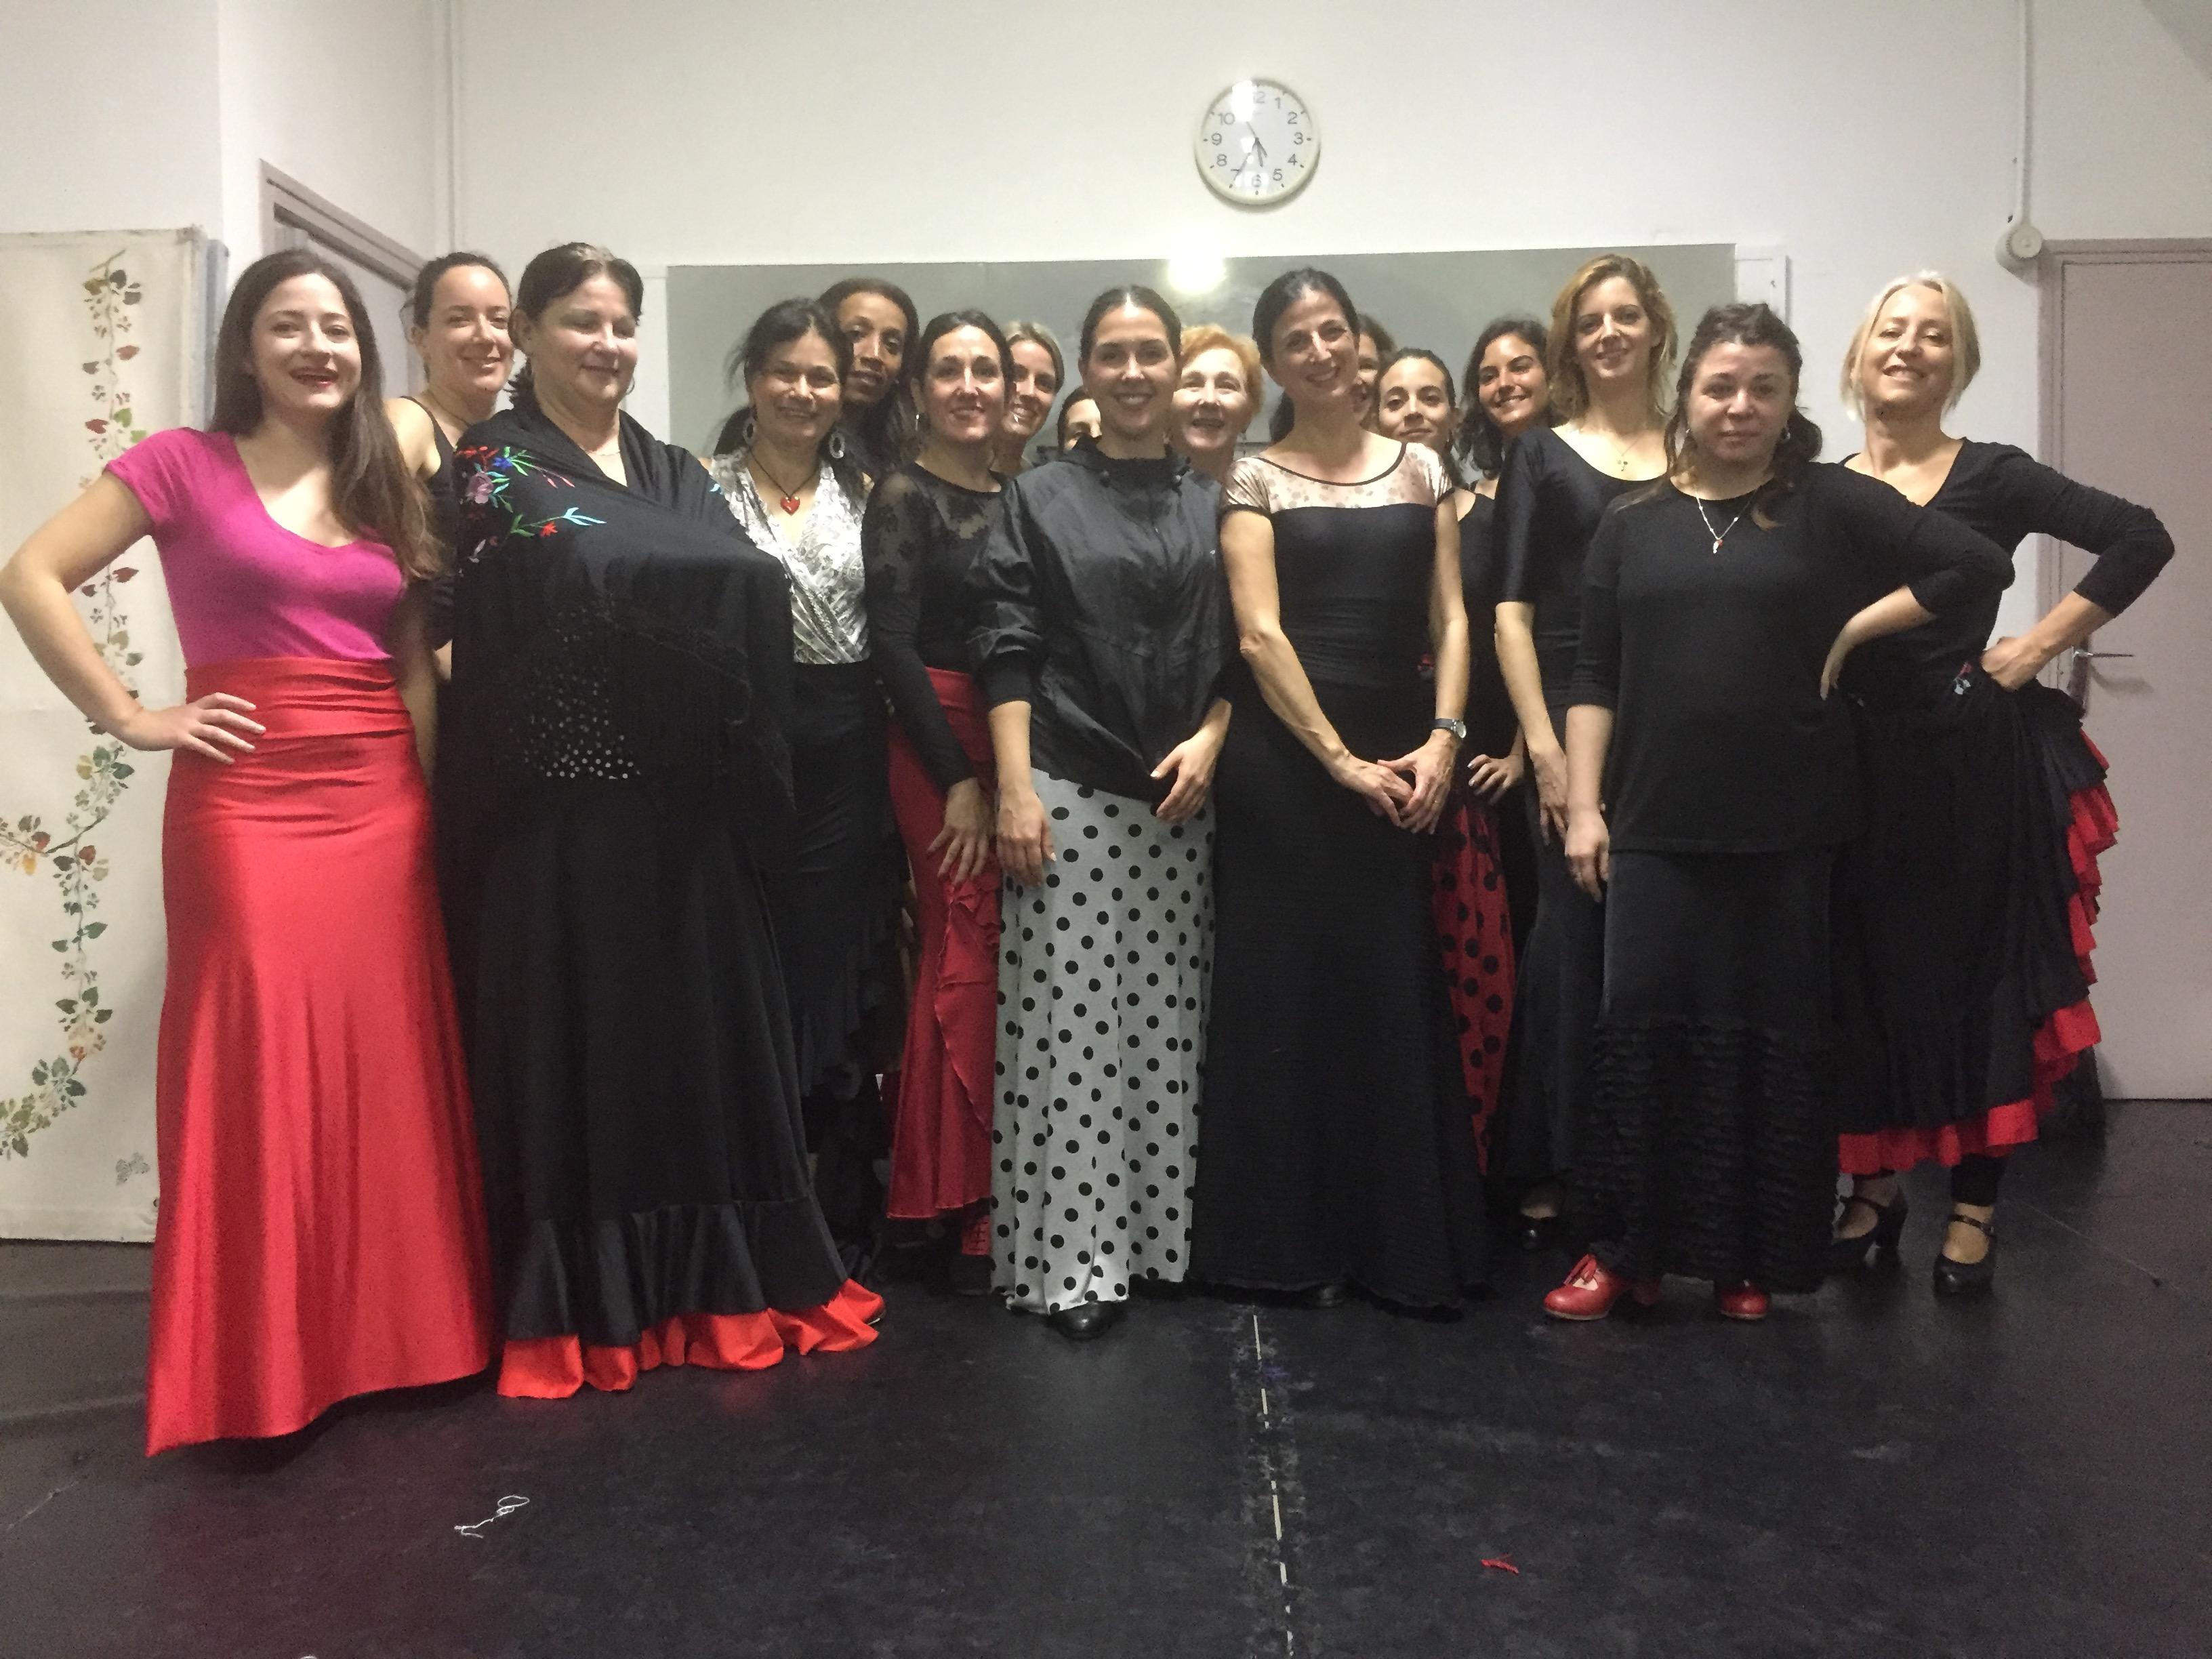 La talentueuse Laura Santamaria (robe à pois noirs) entourée de toute la troupe d'Arte Flamenco de Anne Guidicelli.